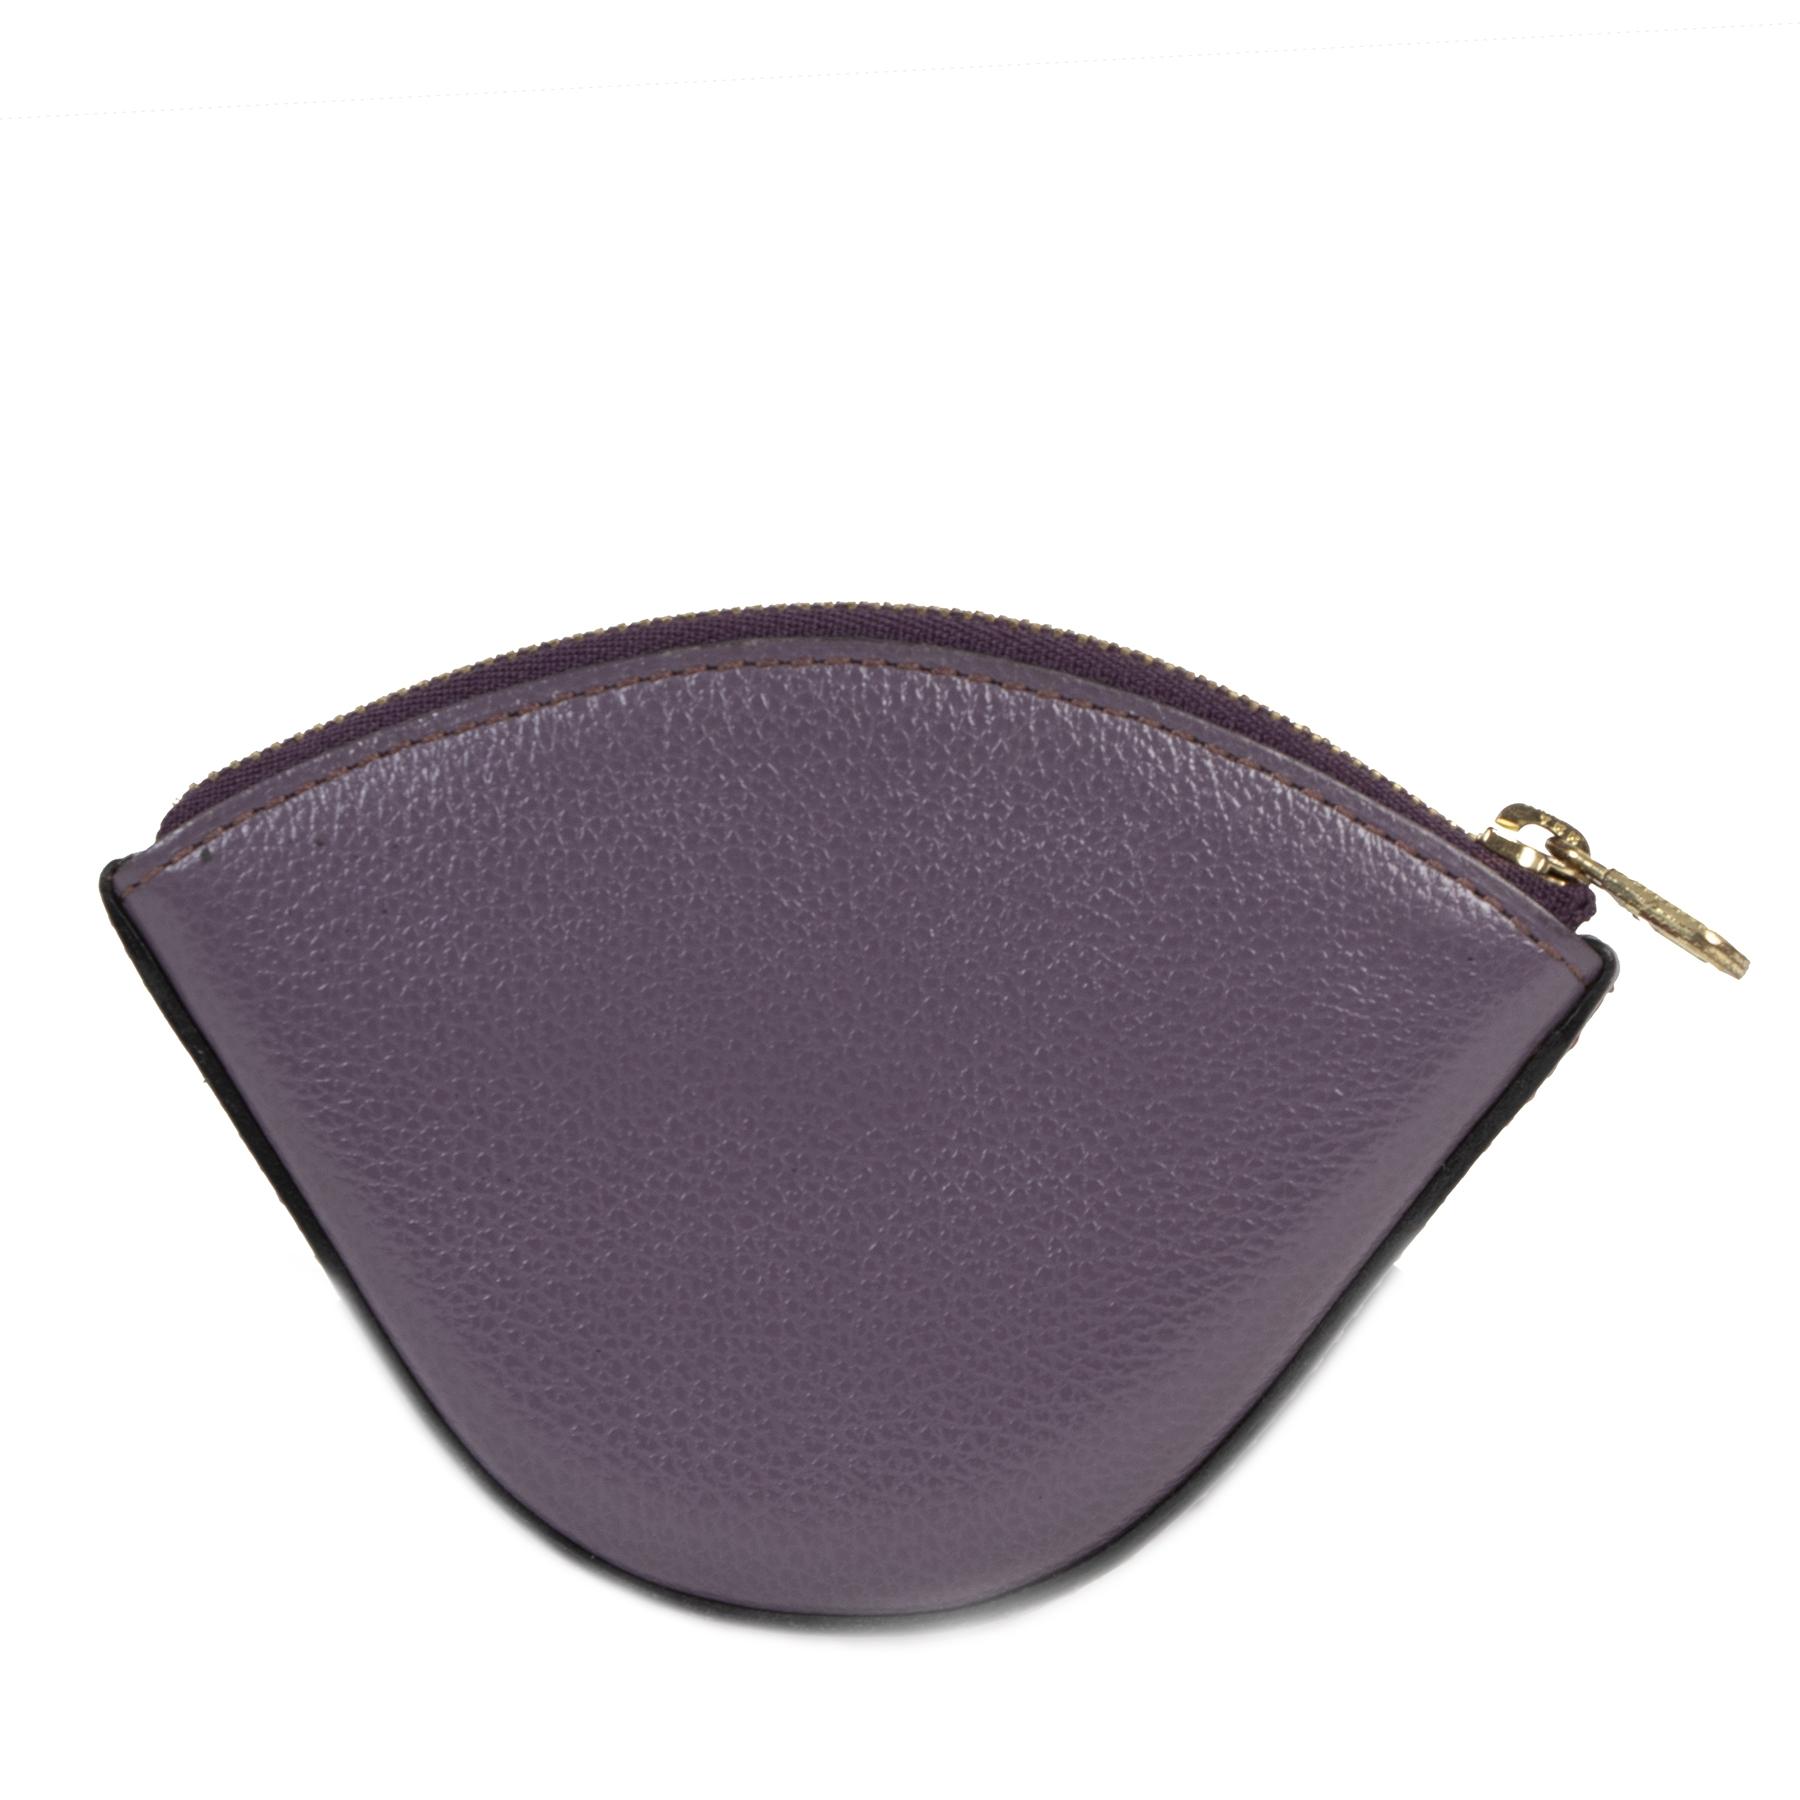 Authentieke Tweedehands Delvaux Purple Leather Coin Pouch juiste prijs veilig online shoppen luxe merken webshop winkelen Antwerpen België mode fashion